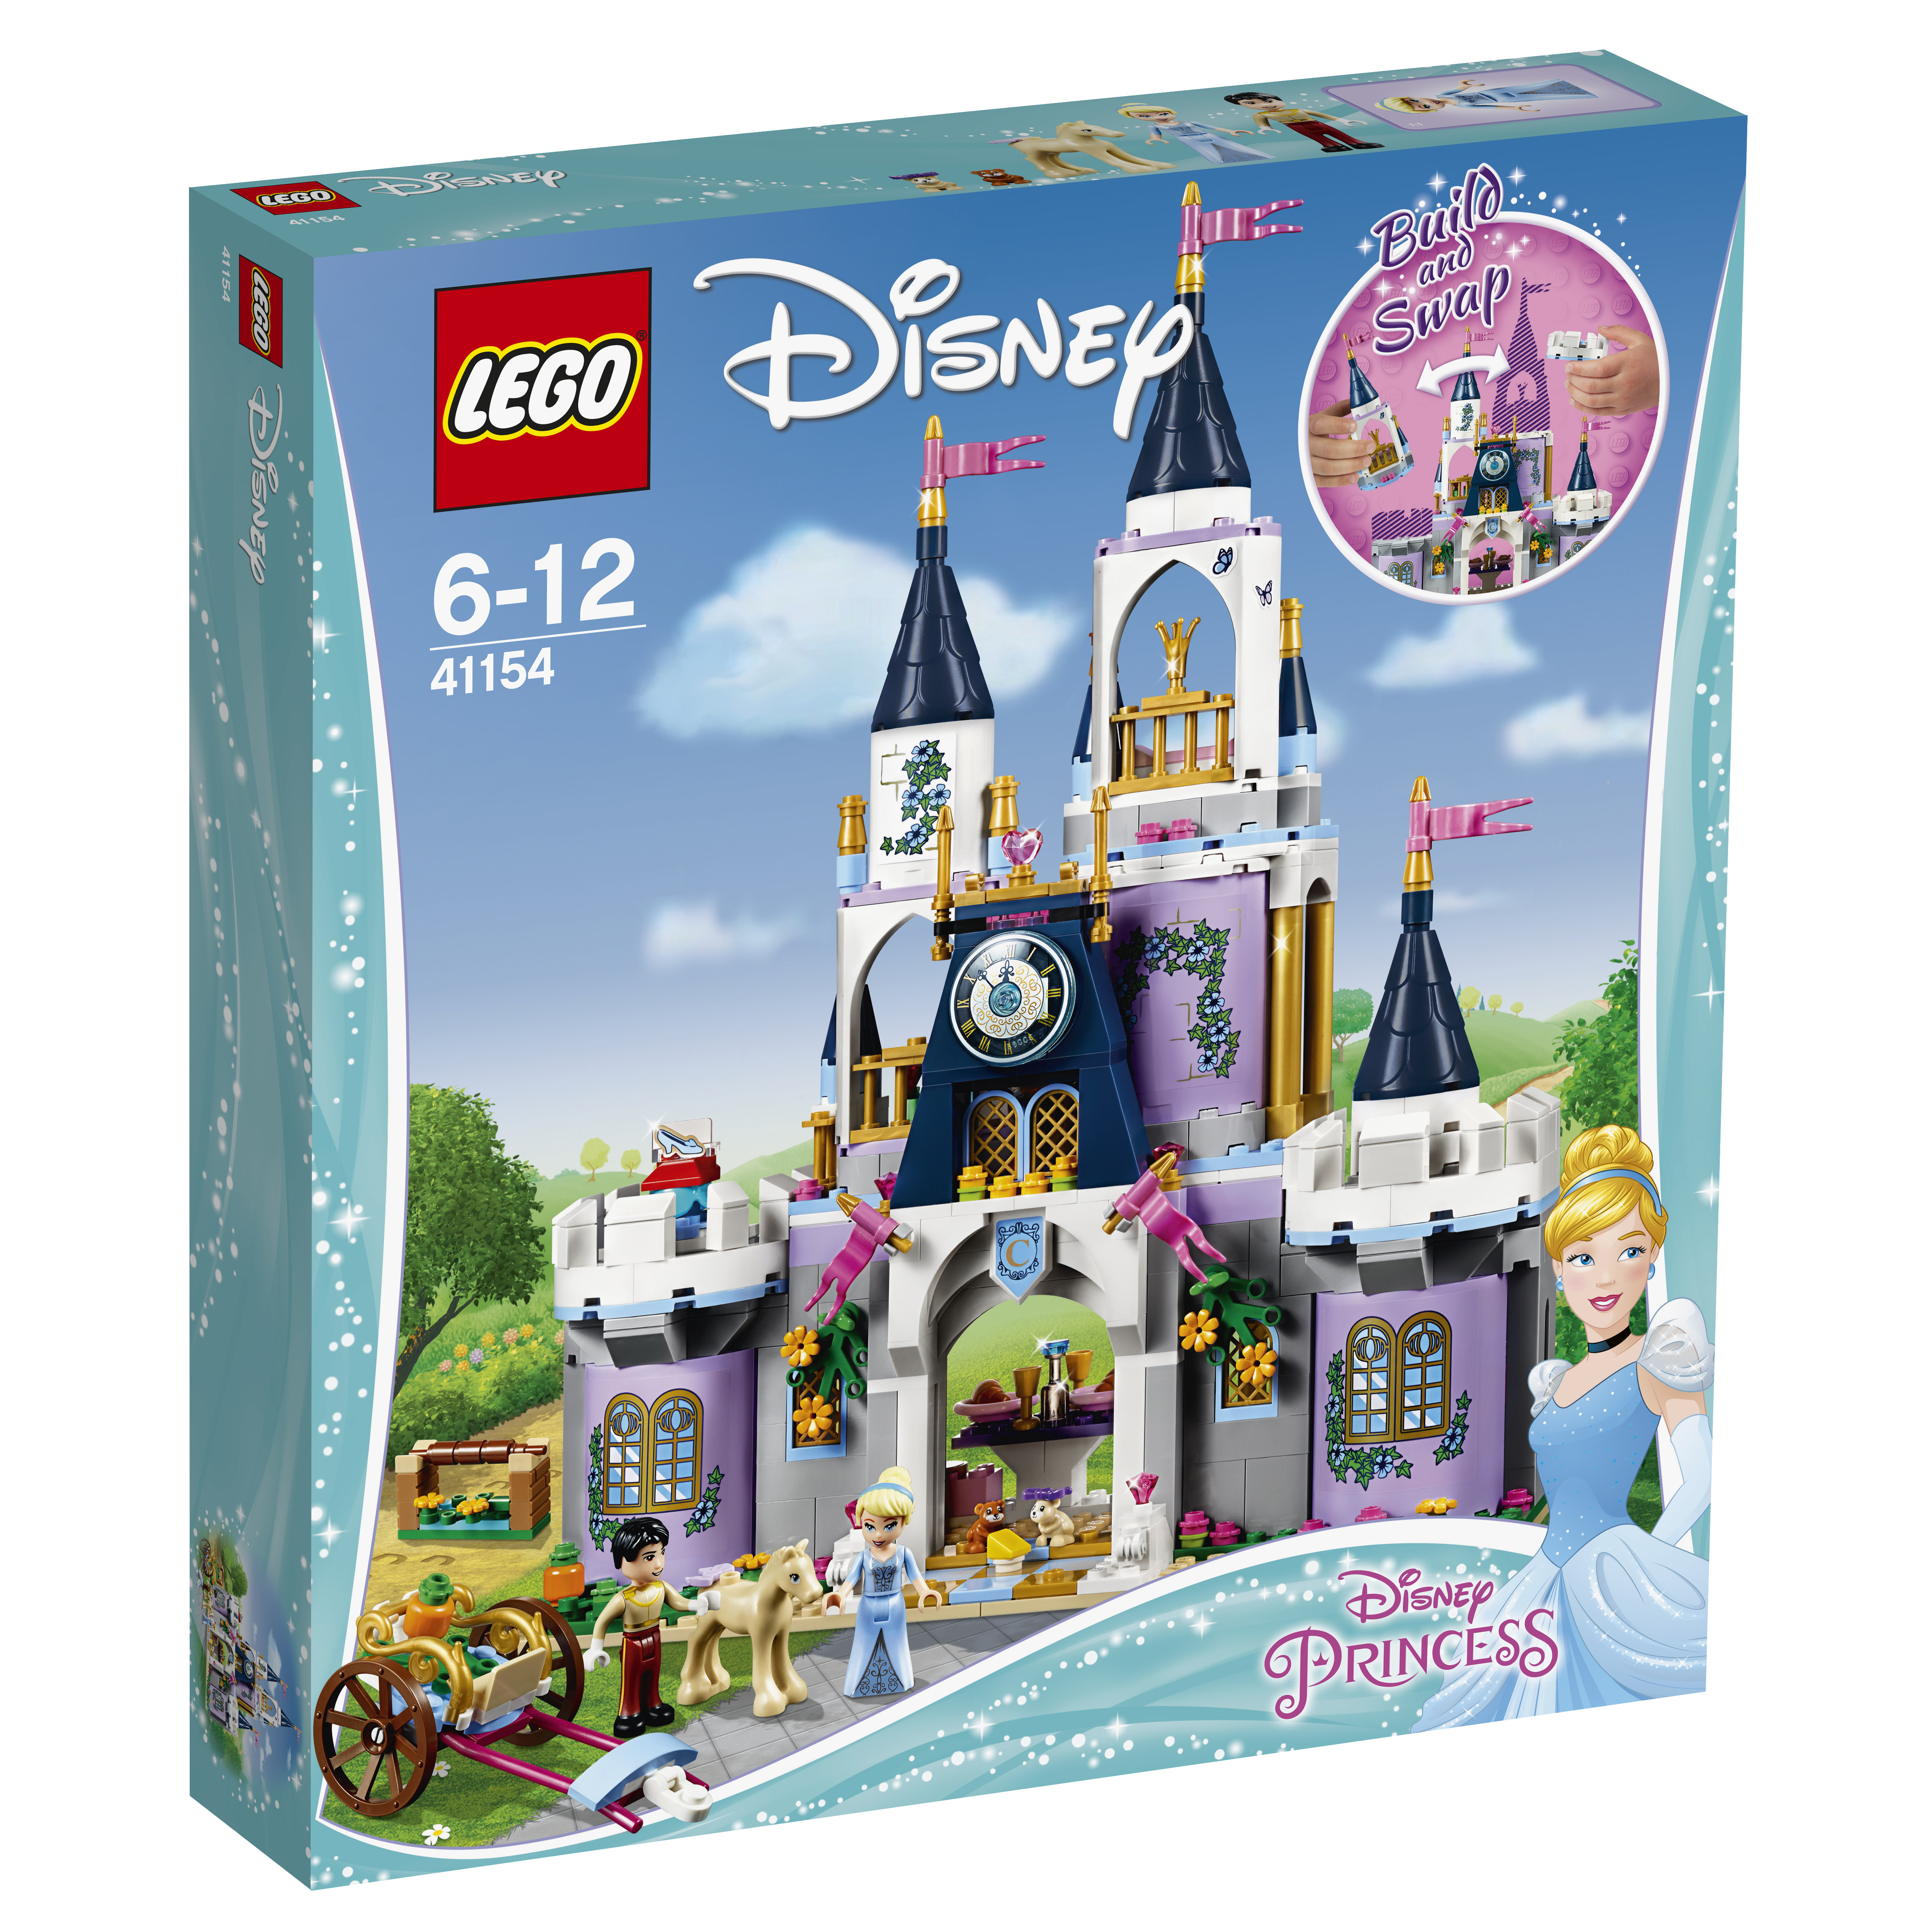 LEGO LEGO Конструктор LEGO Disney Princess 41154 Волшебный замок Золушки конструктор lego disney princess королевские питомцы жемчужинка 41069